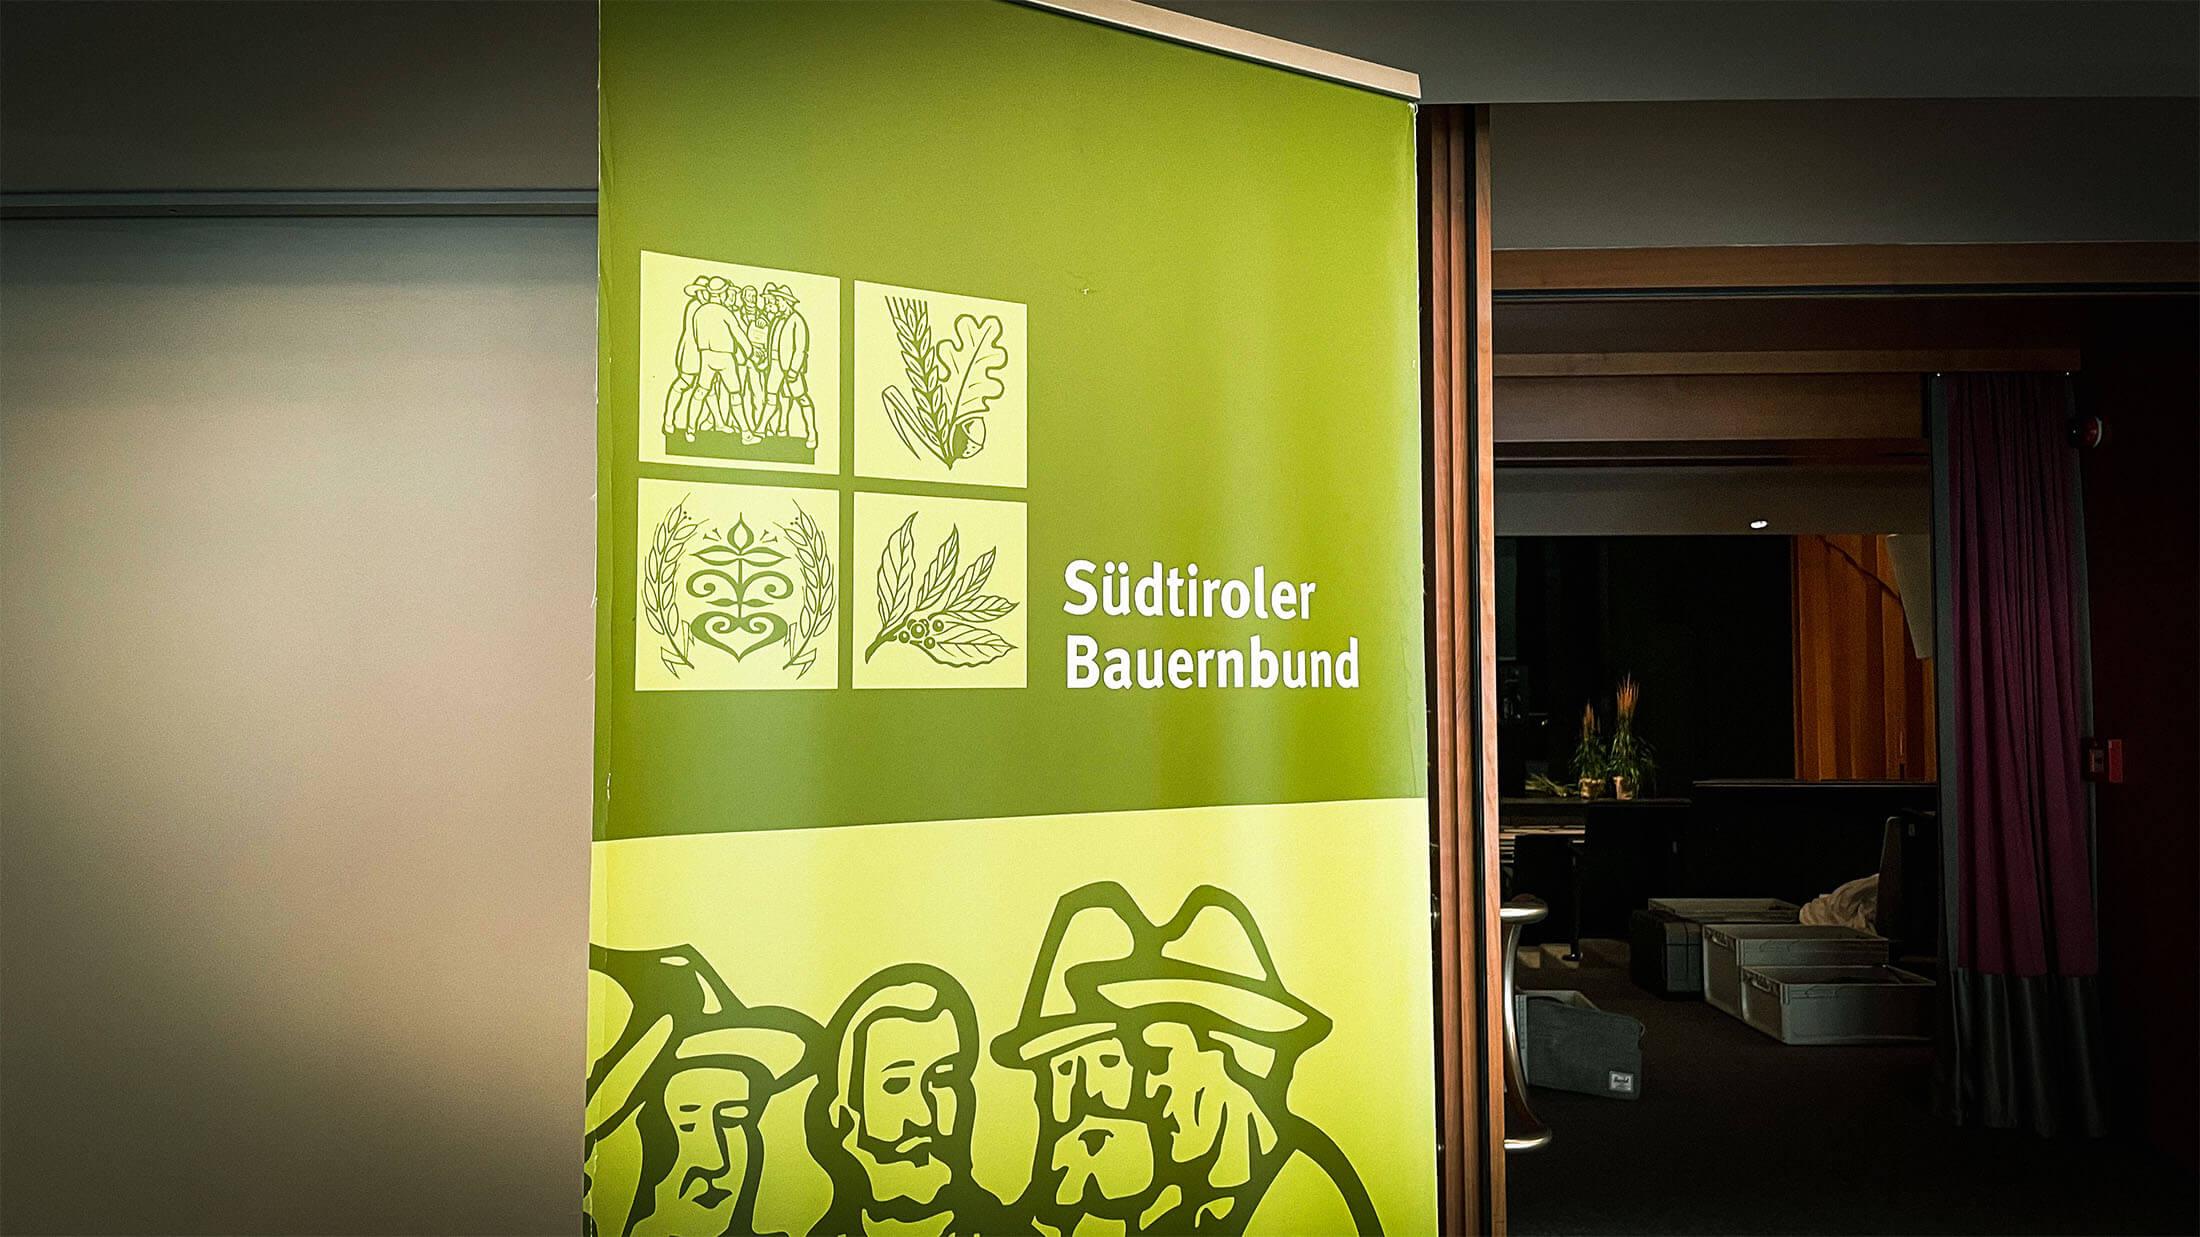 Hybrid-Event Livestream Südtiroler Bauernbund SBB Staycon